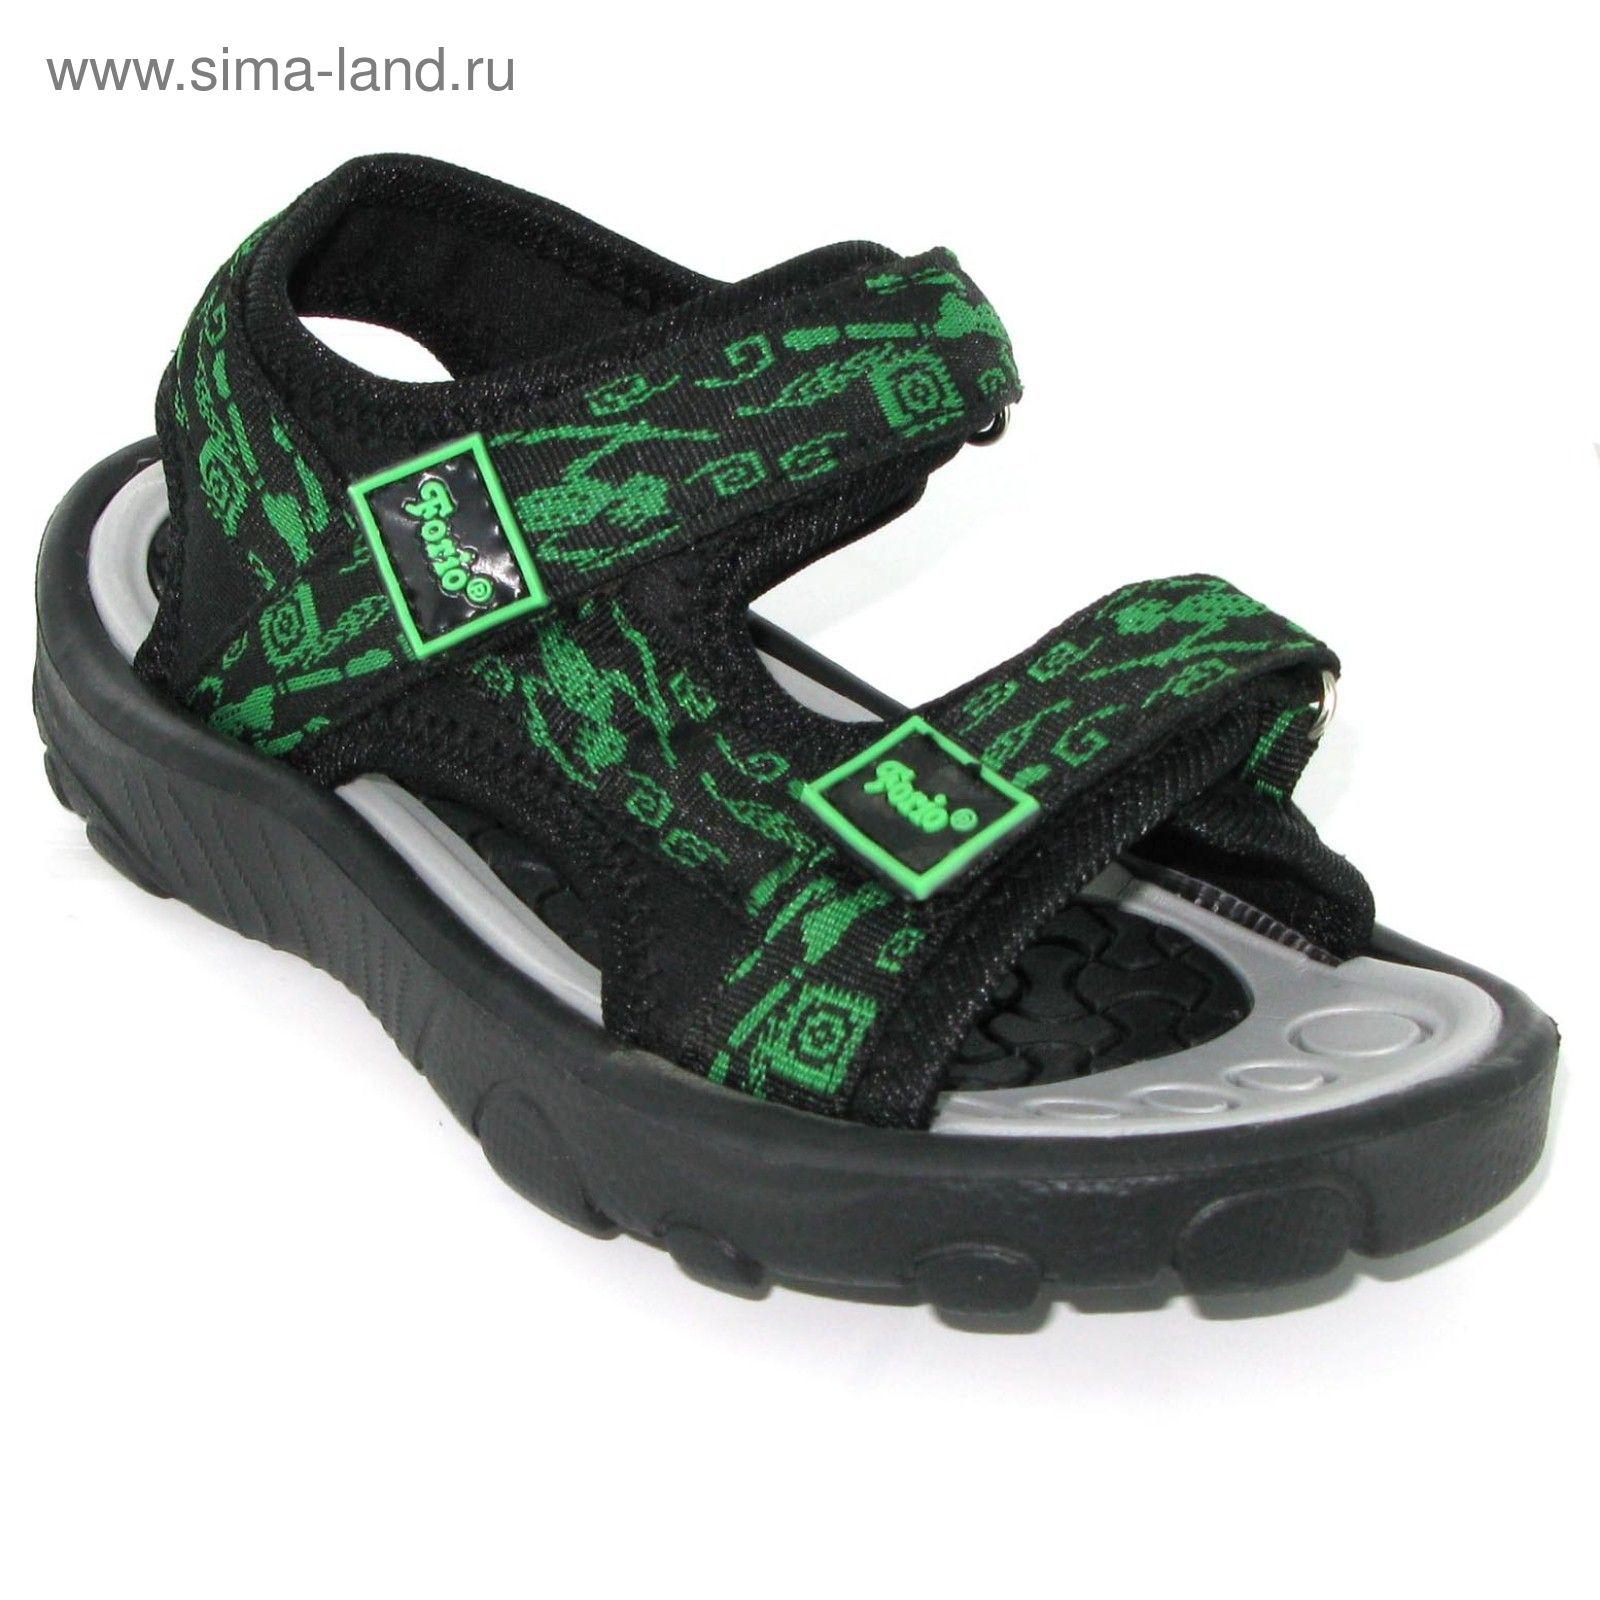 856e8a3da Сандалии детские Forio, размер 30-35, цвет чёрный/зелёный 258-7816 ...